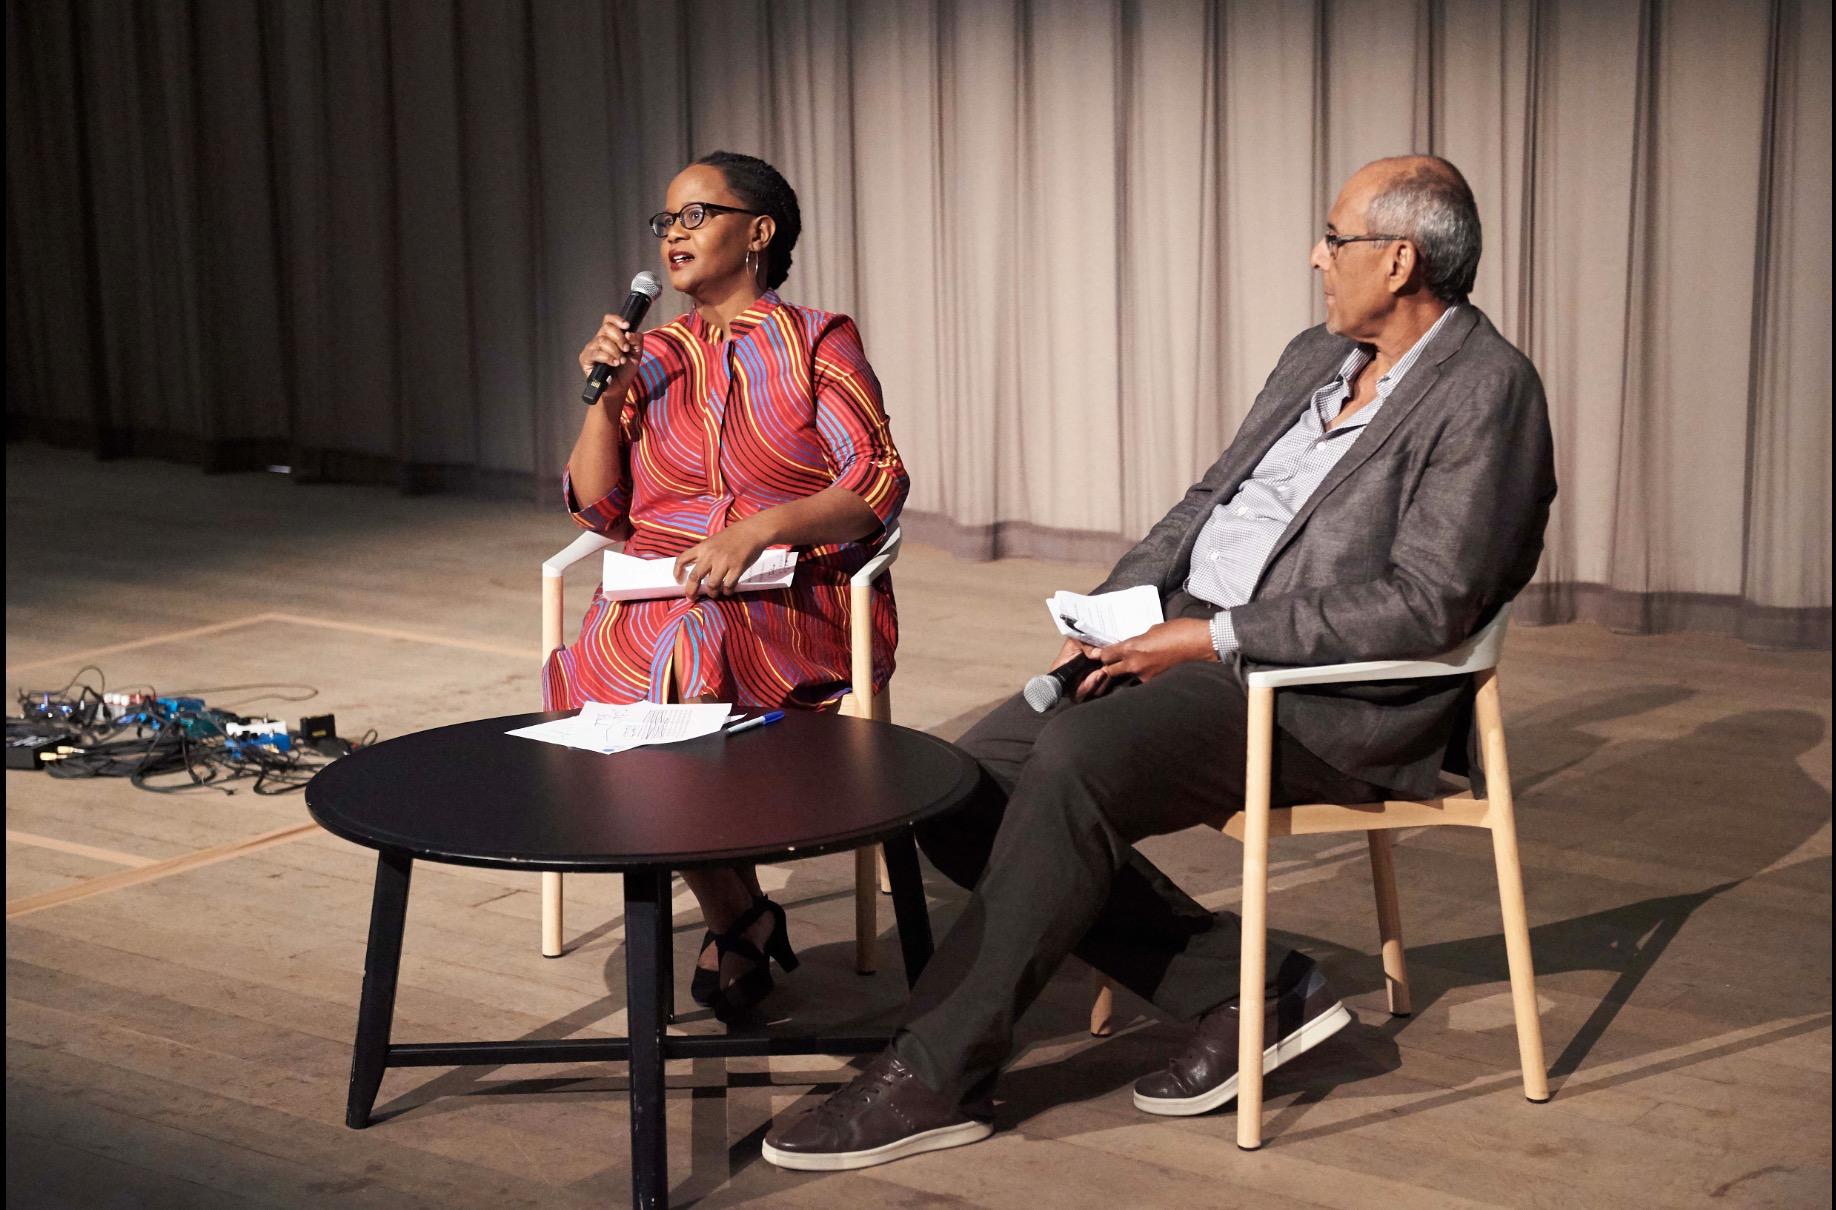 Edwige Danticat and Michael Dash in conversation about Edouard Glissant's Tout-Monde